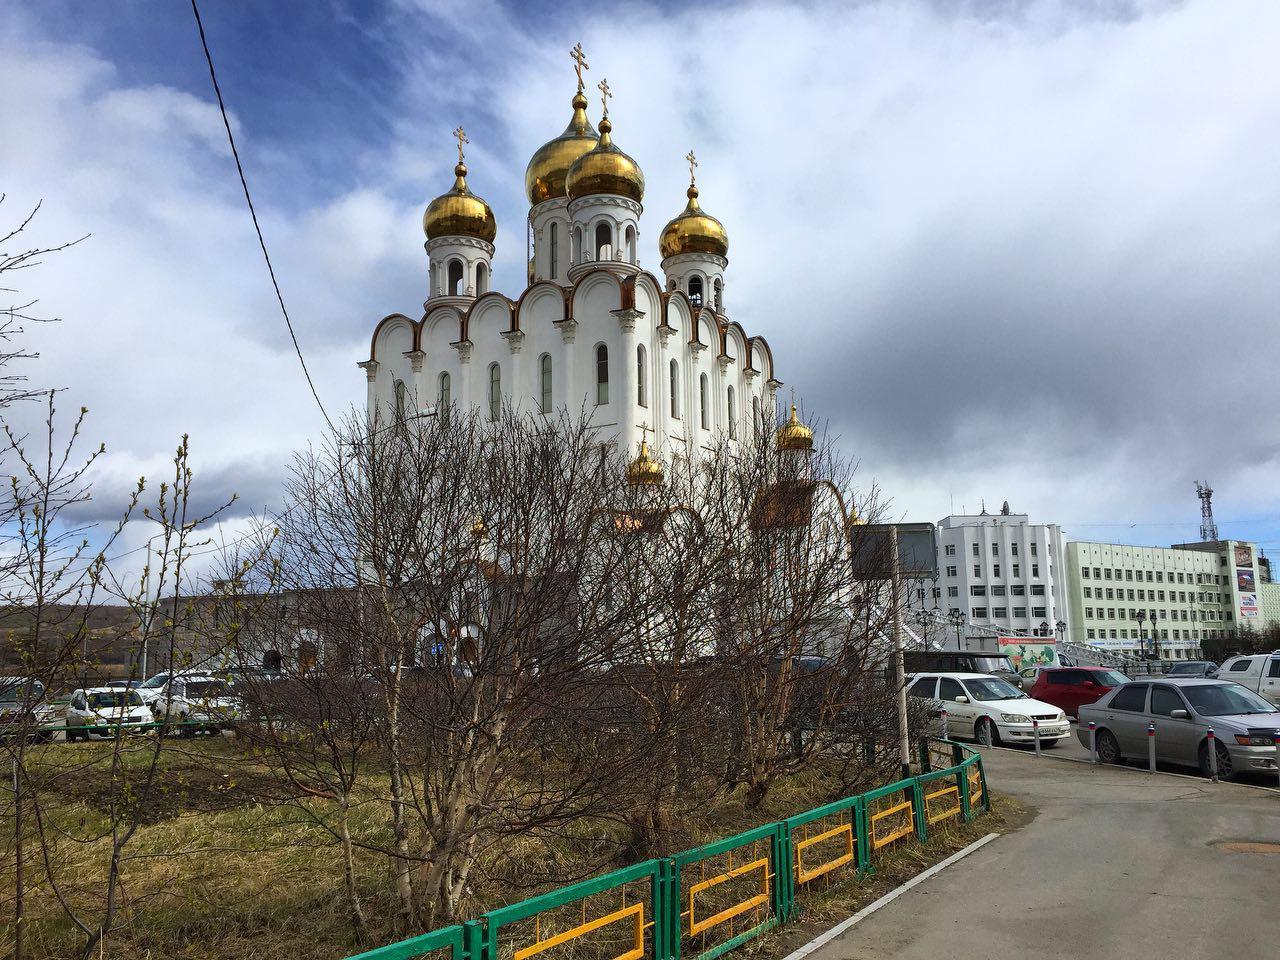 Свято-Троицкий Кафедральный Собор, Александр Крылов